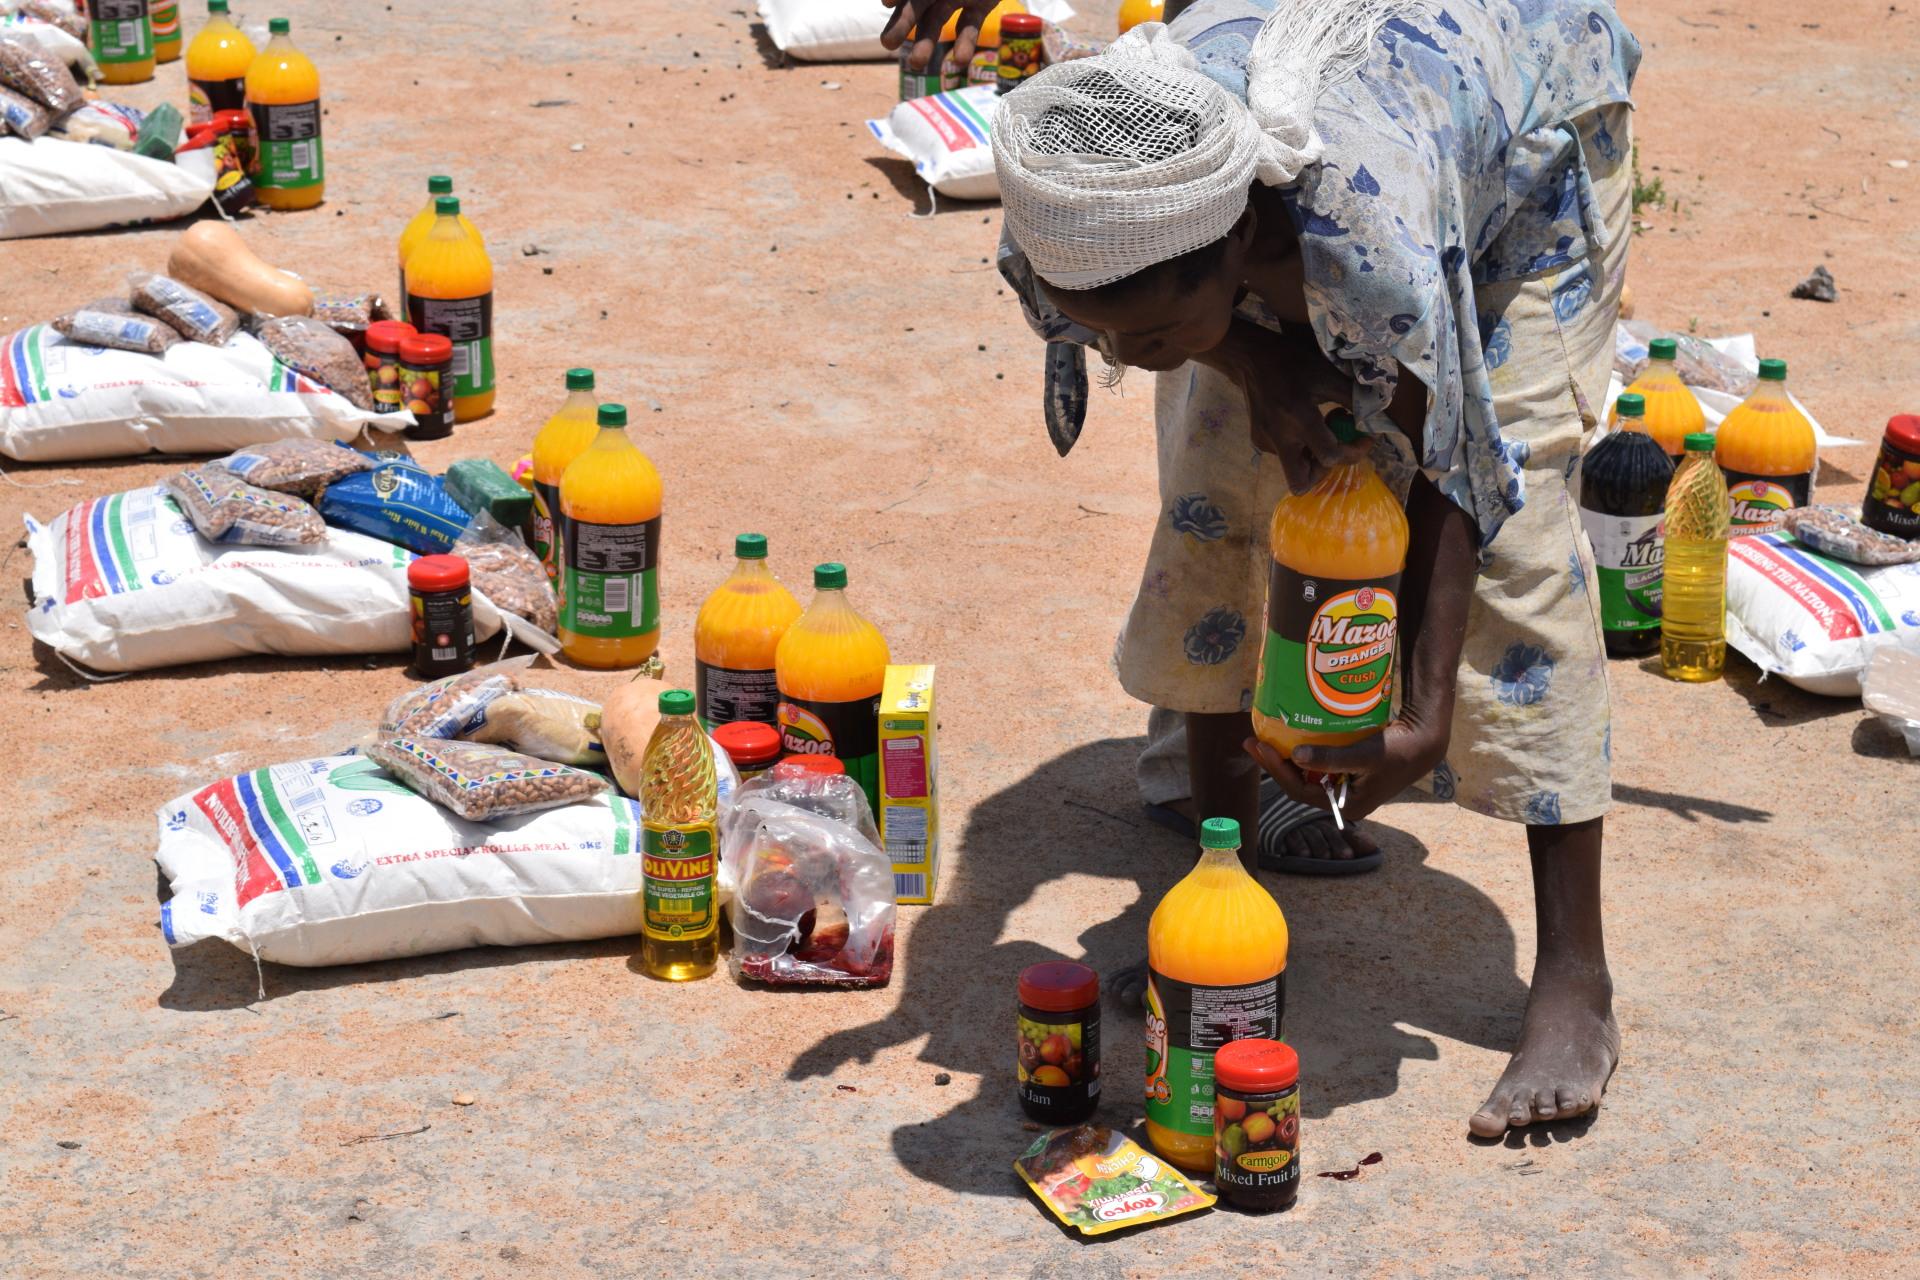 Mgodimasili Outreach Tsholotsho Zimbabwe